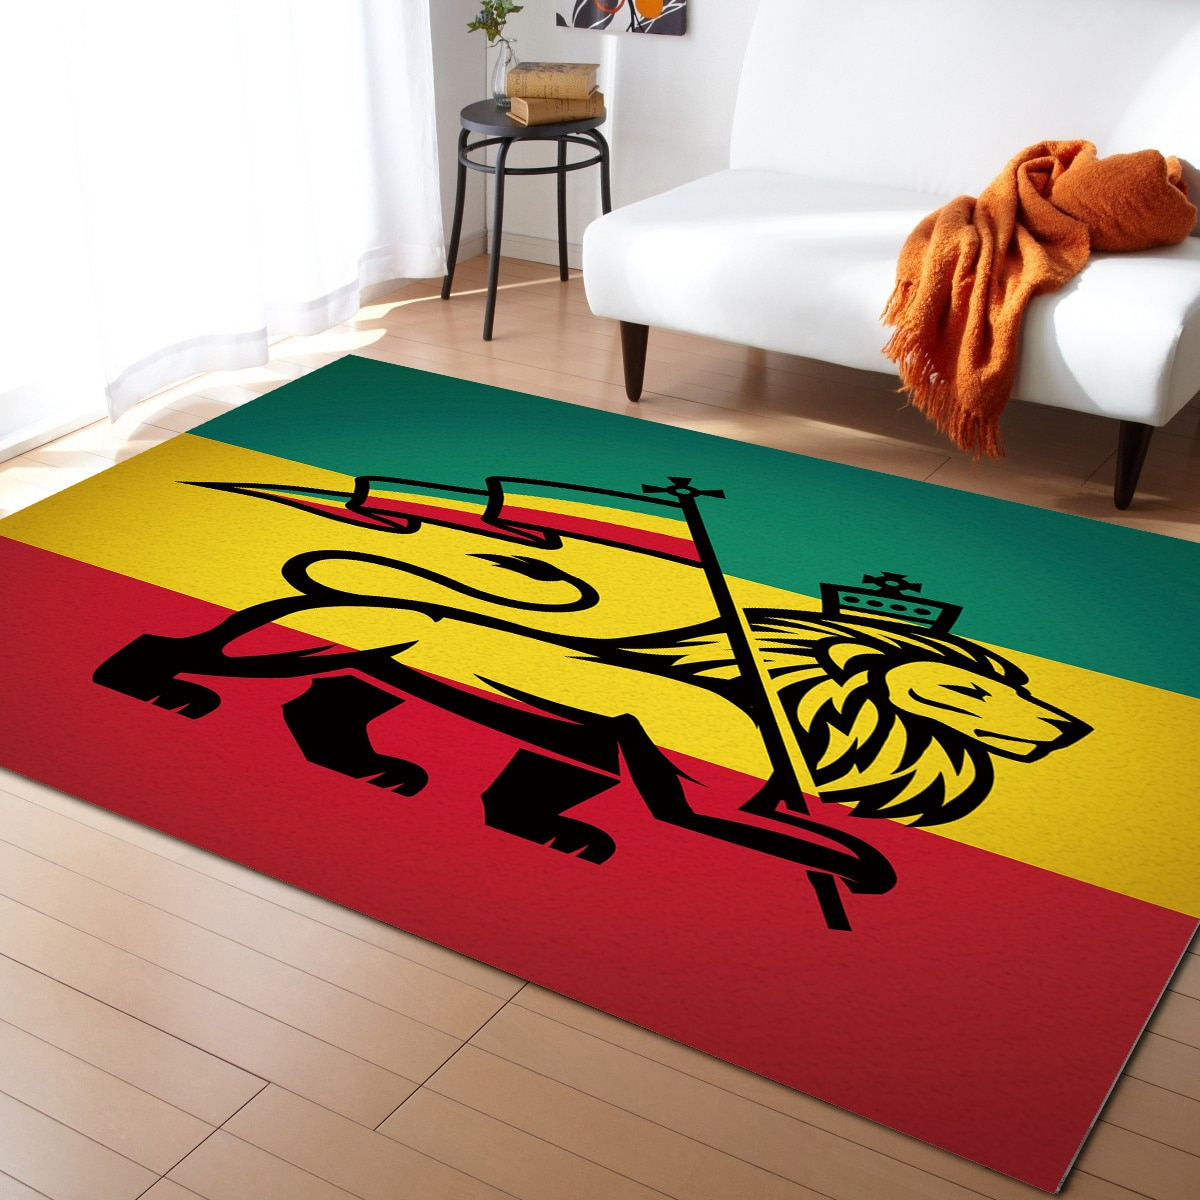 سجادة علم الأسد الأفريقي باللون الأخضر والأصفر والأحمر ، ديكور غرفة النوم ، بطانية بجانب السرير